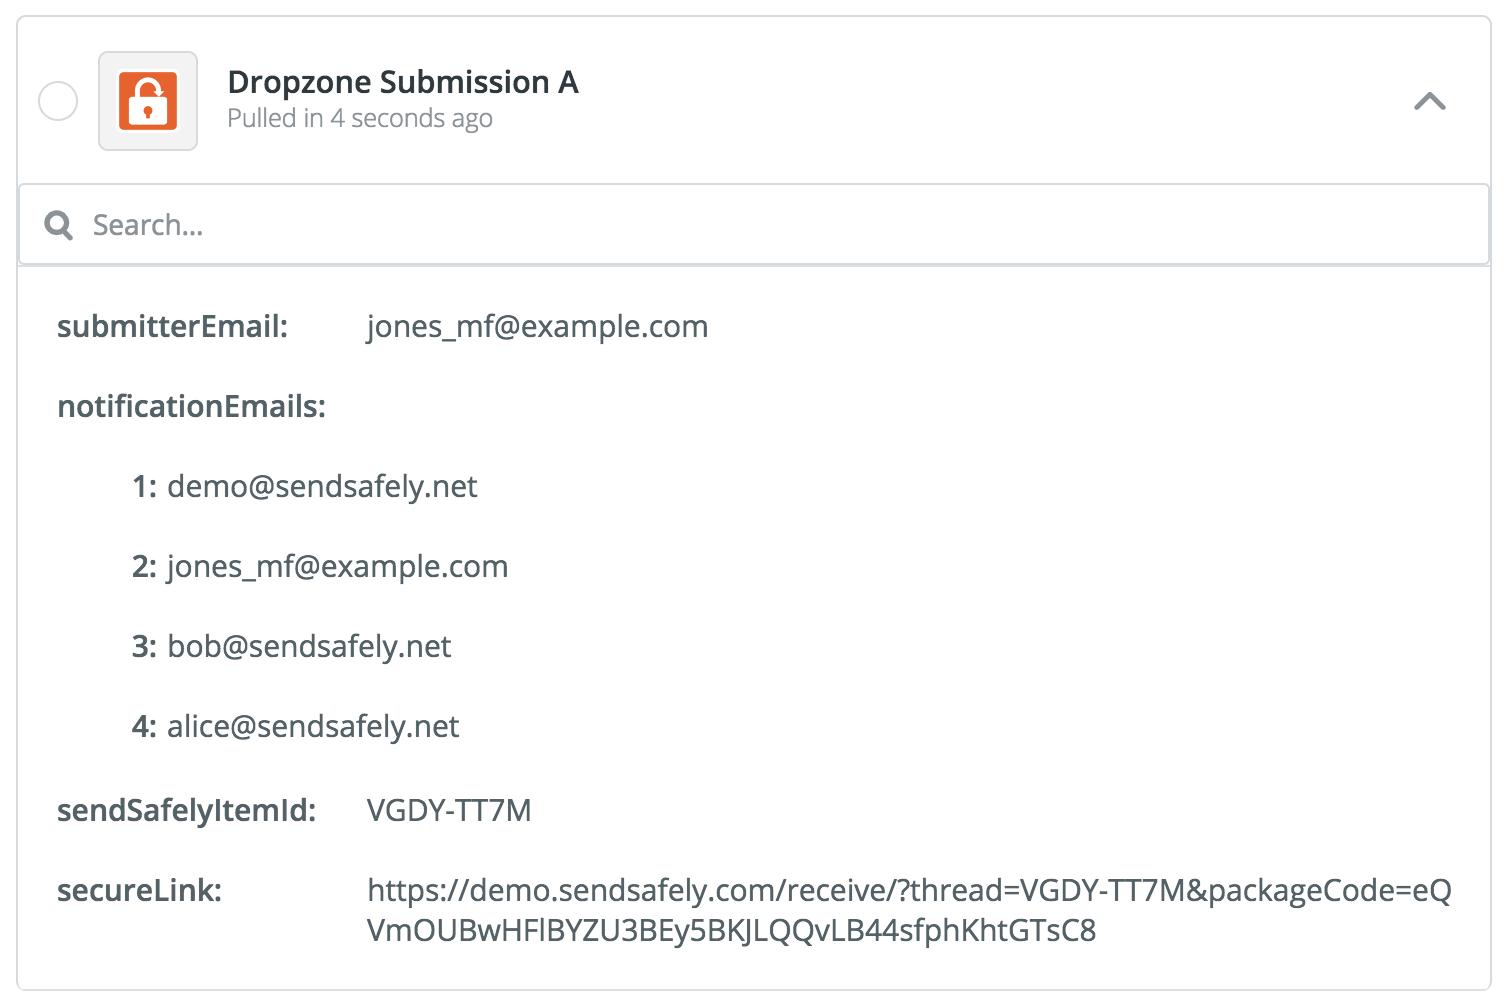 Dropzone_Sample_Data_Slack